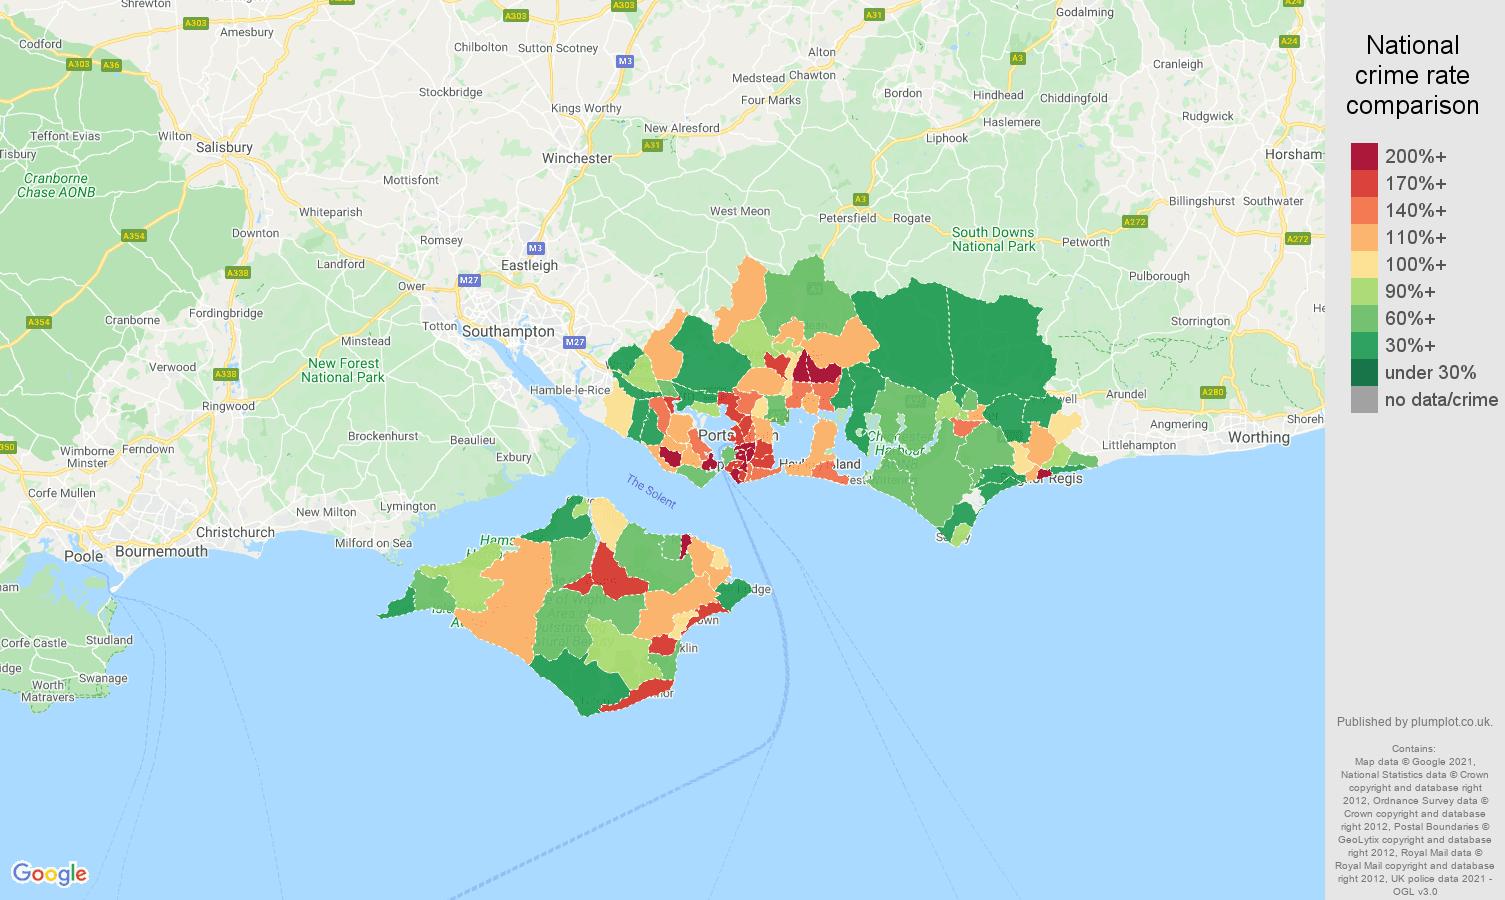 Portsmouth public order crime rate comparison map